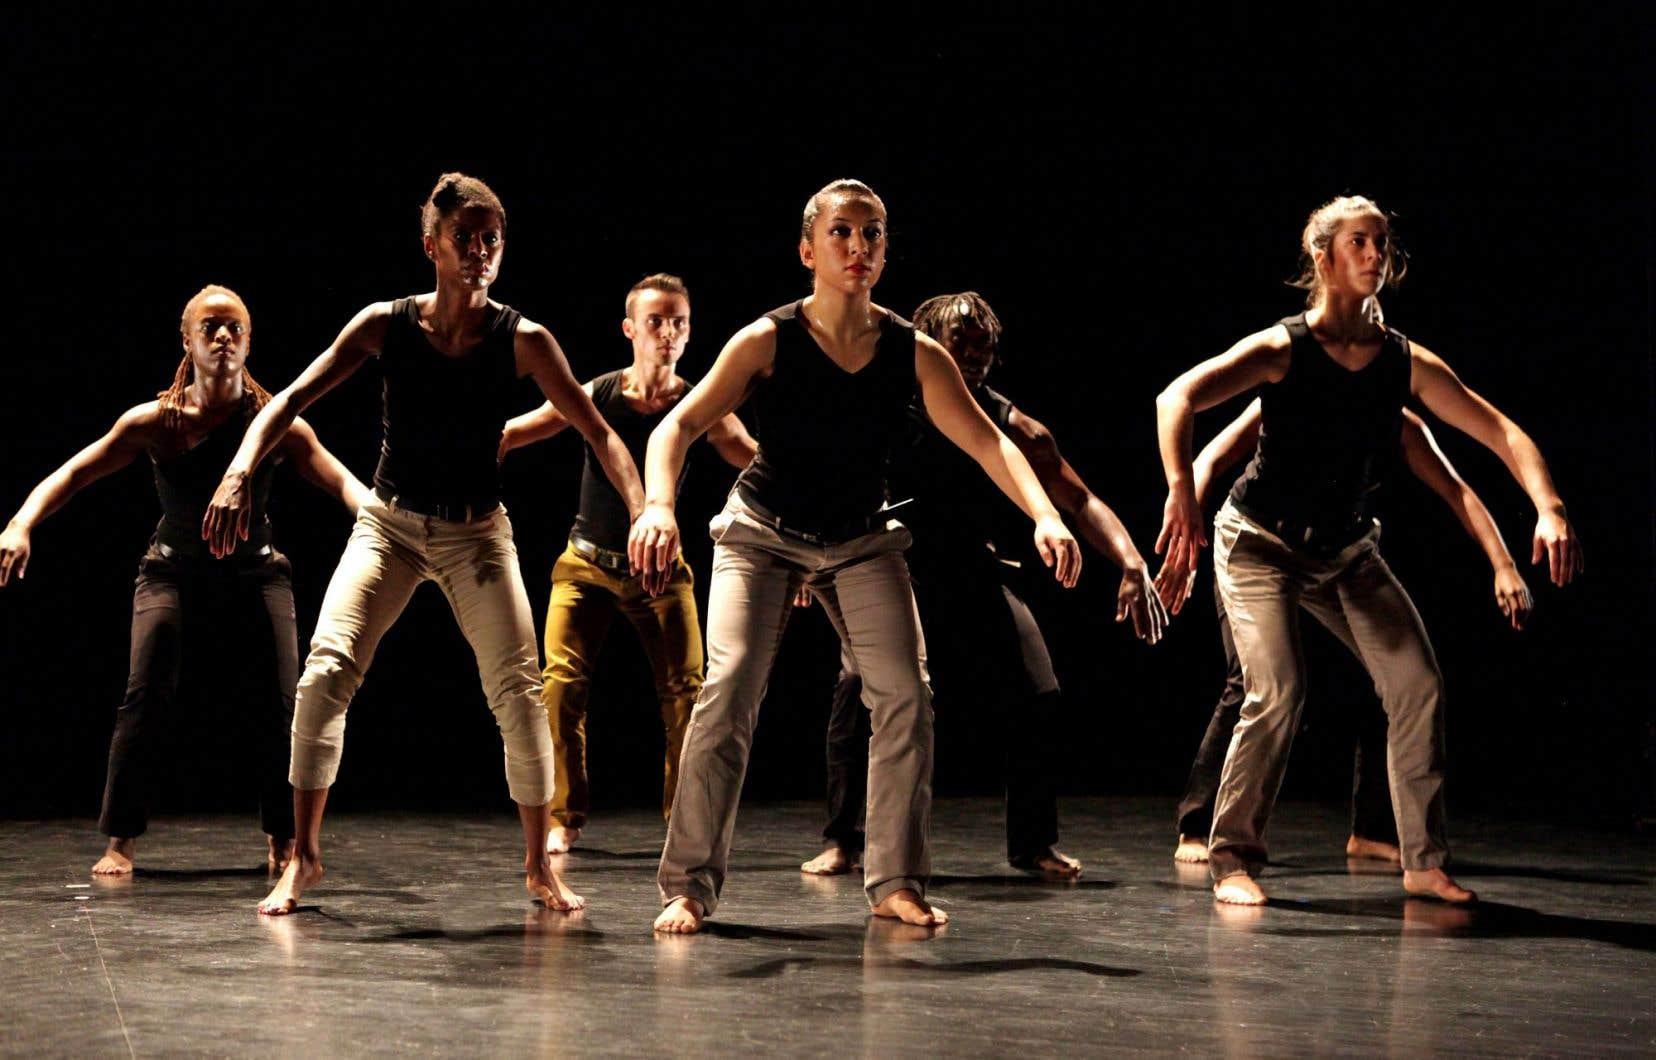 Mozongi, une chorégraphie créée en 1997, revue et augmentée (en matière de danseurs) en février2014 à la Société des arts technologiques